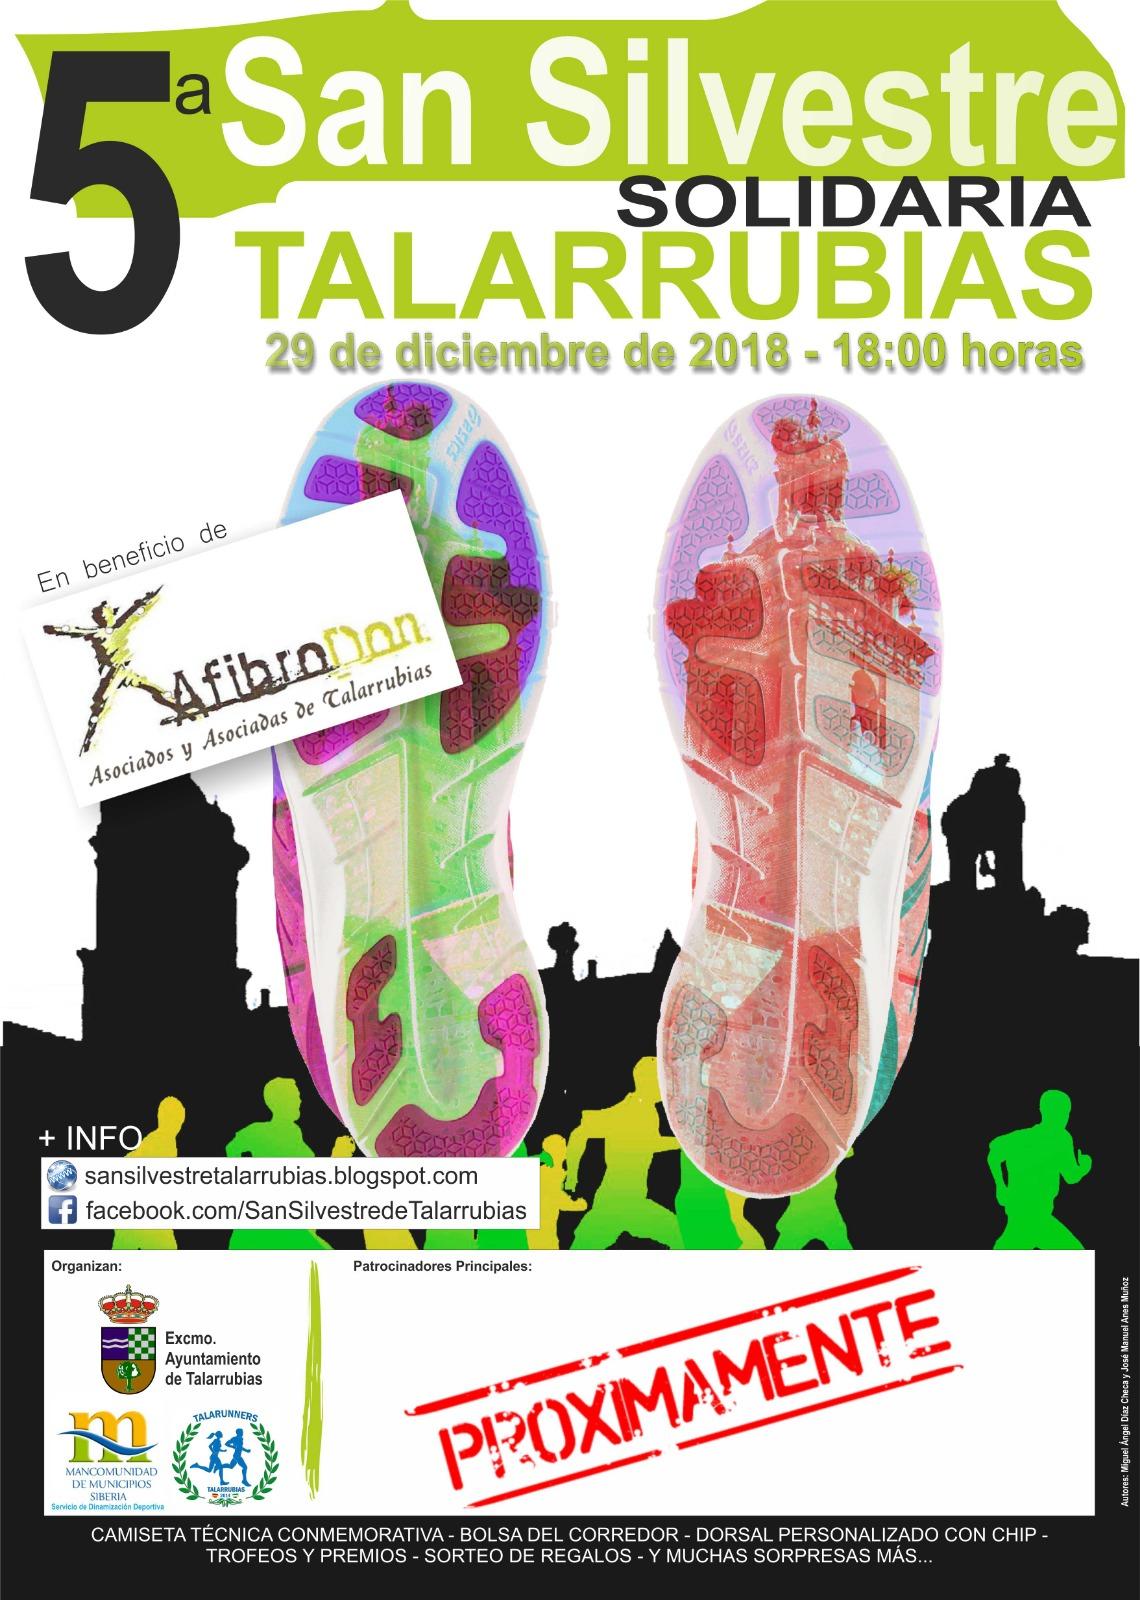 5ª San Silvestre Solidaria de Talarrubias